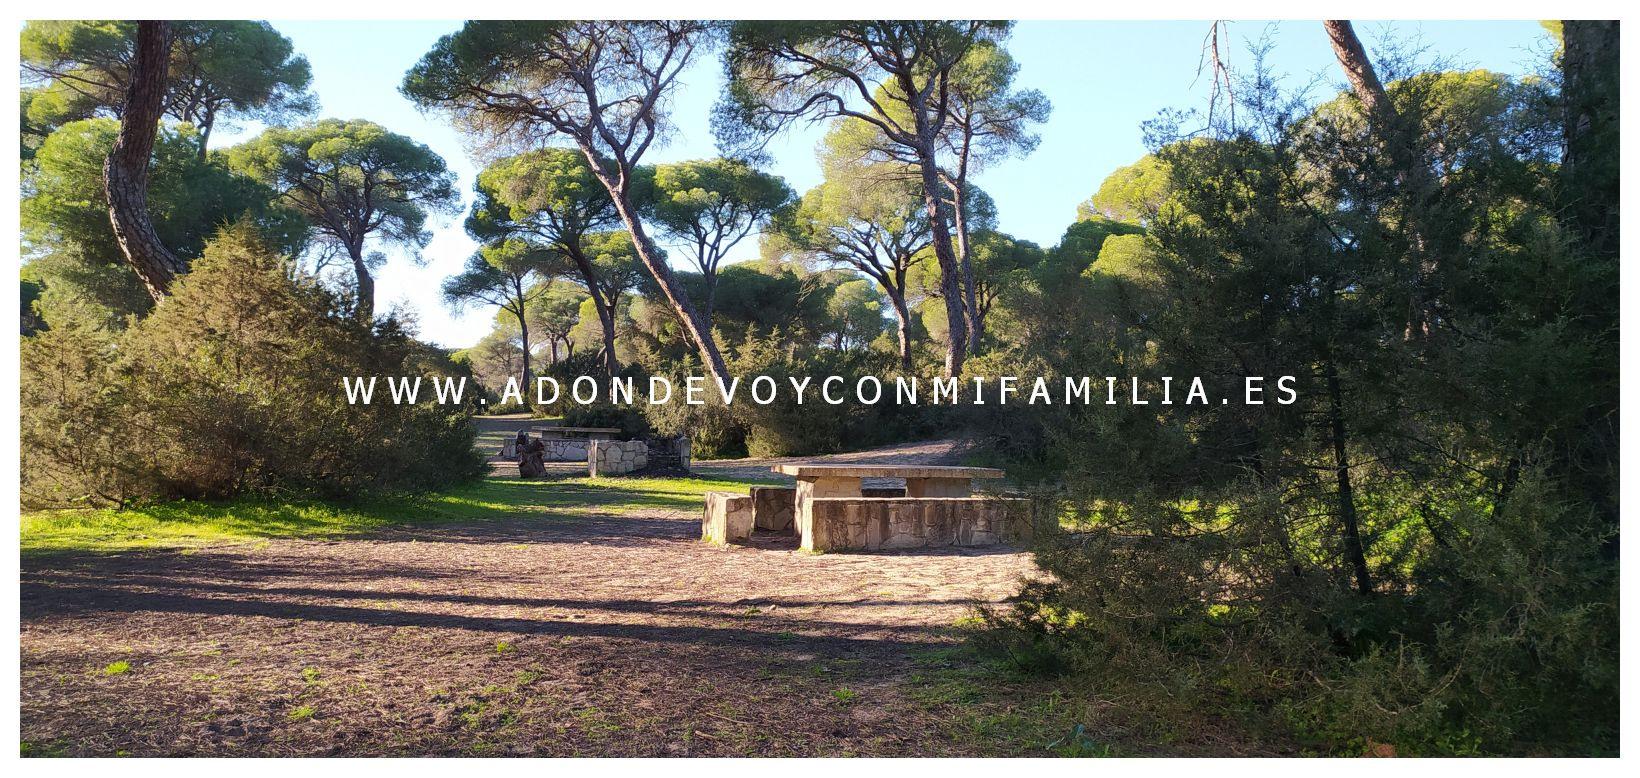 area-recreativa-la-ermita-adondevoyconmifamilia-10